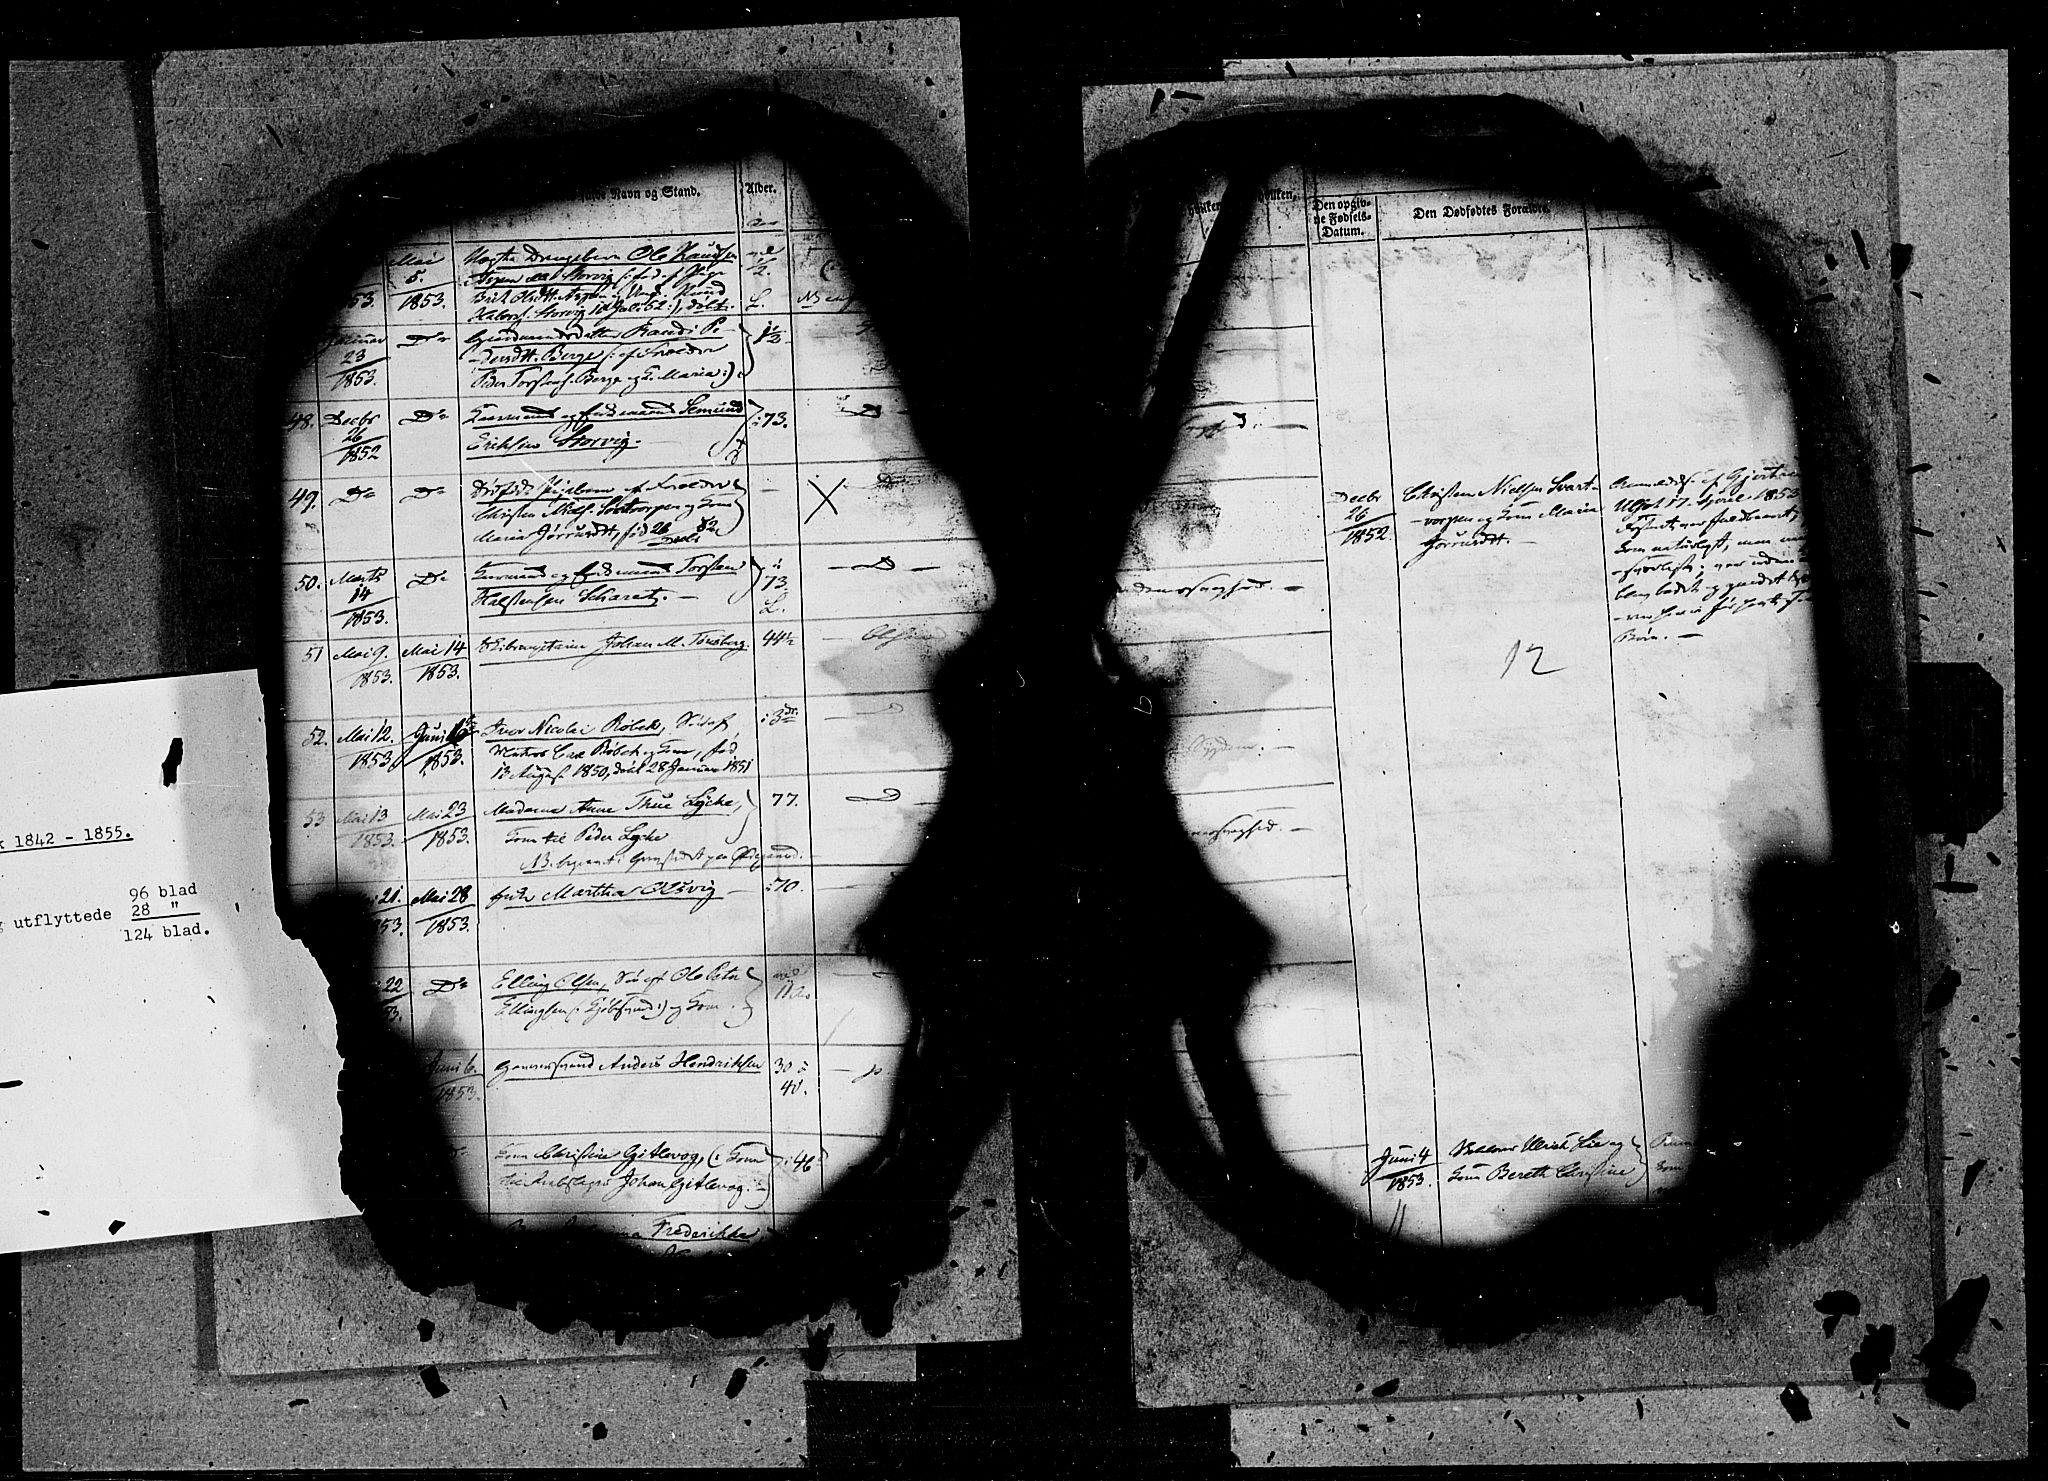 SAT, Ministerialprotokoller, klokkerbøker og fødselsregistre - Møre og Romsdal, 572/L0845: Ministerialbok nr. 572A08, 1842-1855, s. 12